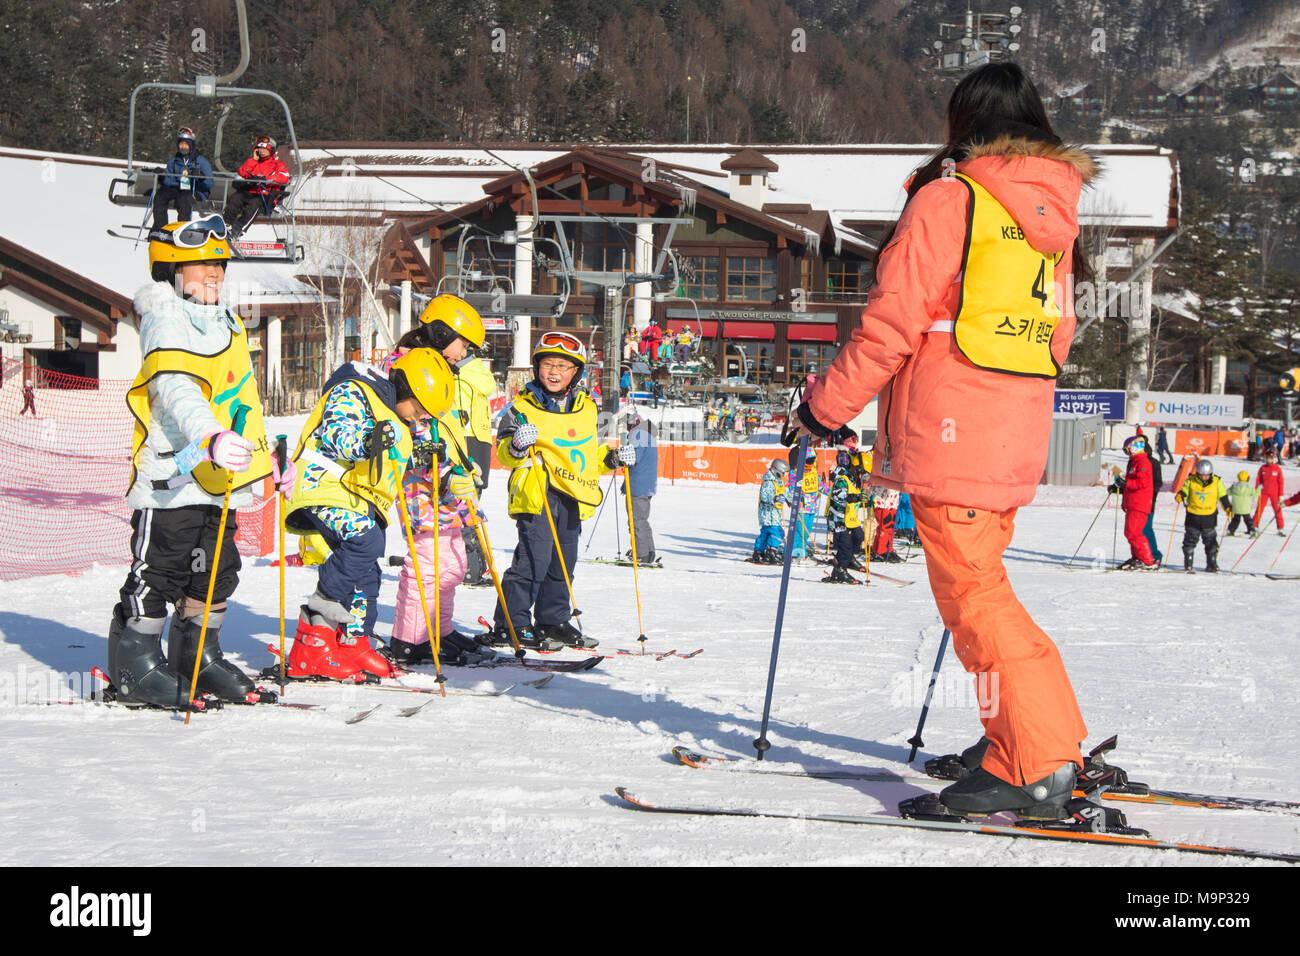 Un professeur de ski et d'un groupe d'enfants d'Asie à un lapin pente de Yongpyong. Yongpyong (Dragon Valley) Ski Resort est une station de ski en Corée du Sud, situé dans la région de Daegwallyeong-myeon, Pyeongchang, Gangwon-do. C'est la plus grande station de ski et snowboard en Corée. Technique de Yongpyong accueillera les épreuves de ski alpin pour les Jeux olympiques et paralympiques d'hiver de 2018 à Pyeongchang. Certaines scènes de la Korean Broadcasting System 2002 drama Winter Sonata ont été tournées dans la station. Banque D'Images